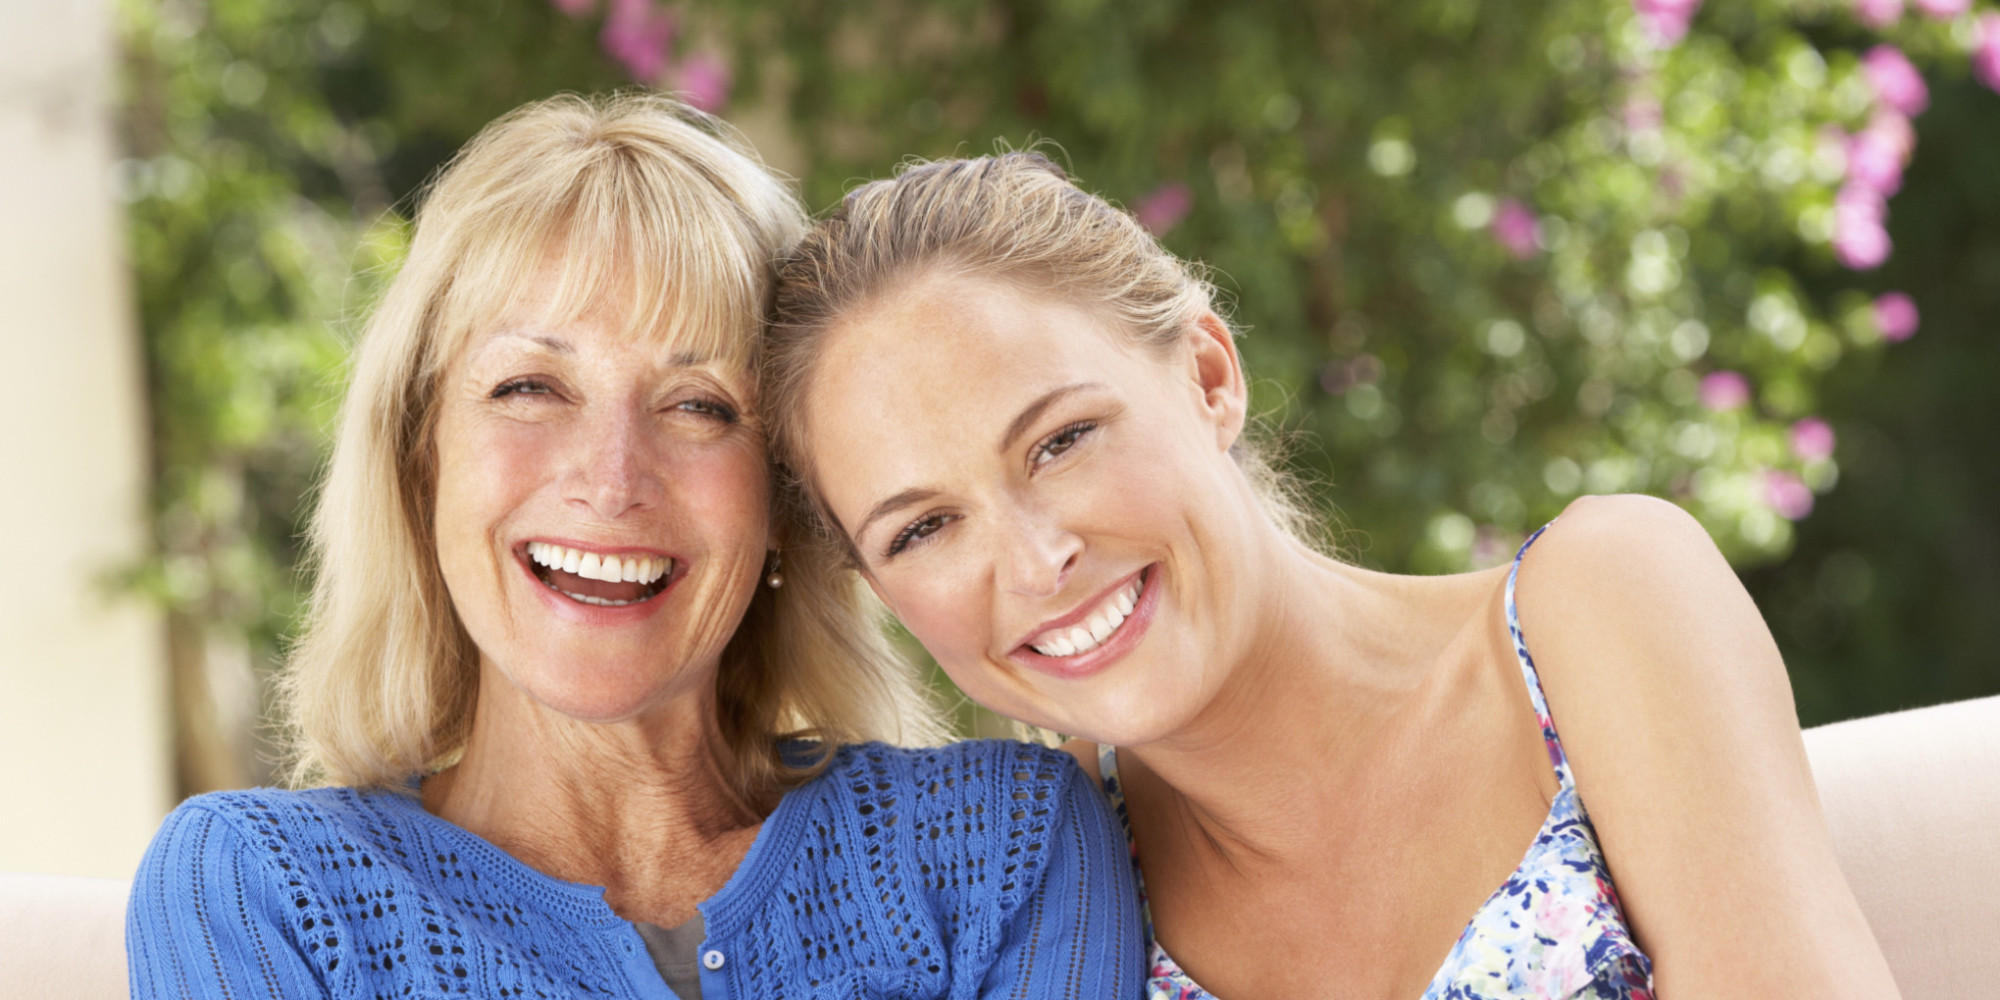 мама и взрослая дочь картинки прикольные это, как всем